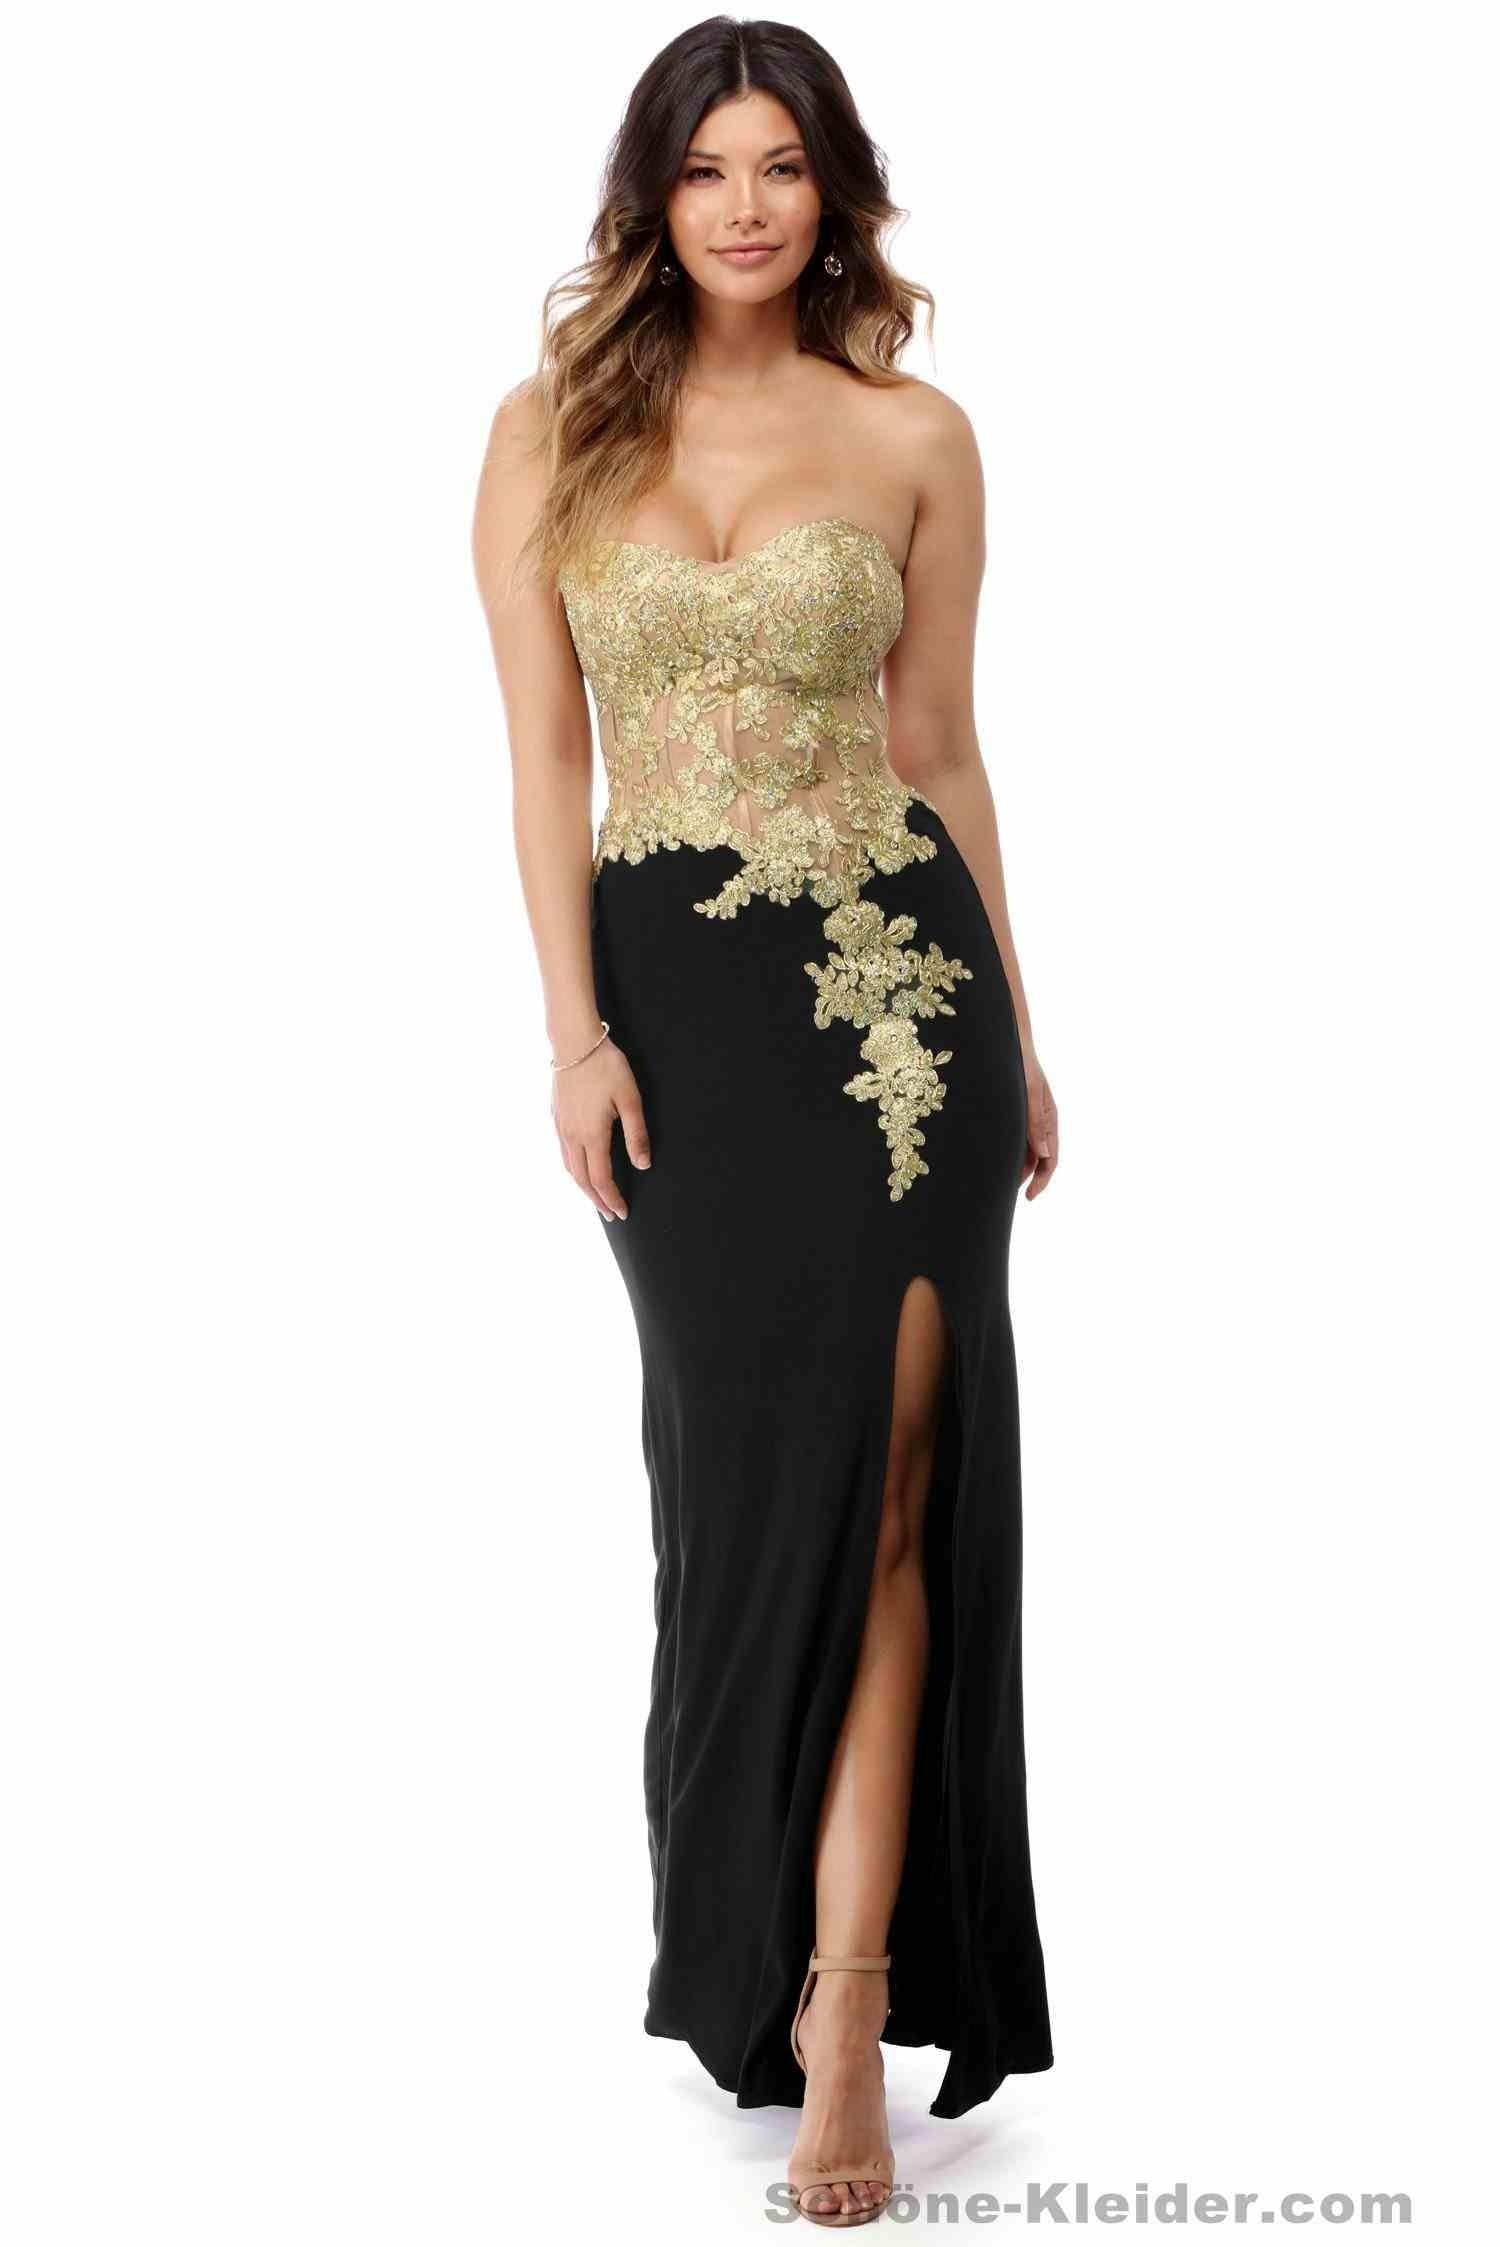 Elegant Wunderschöne Kleider Spezialgebiet Leicht Wunderschöne Kleider für 2019